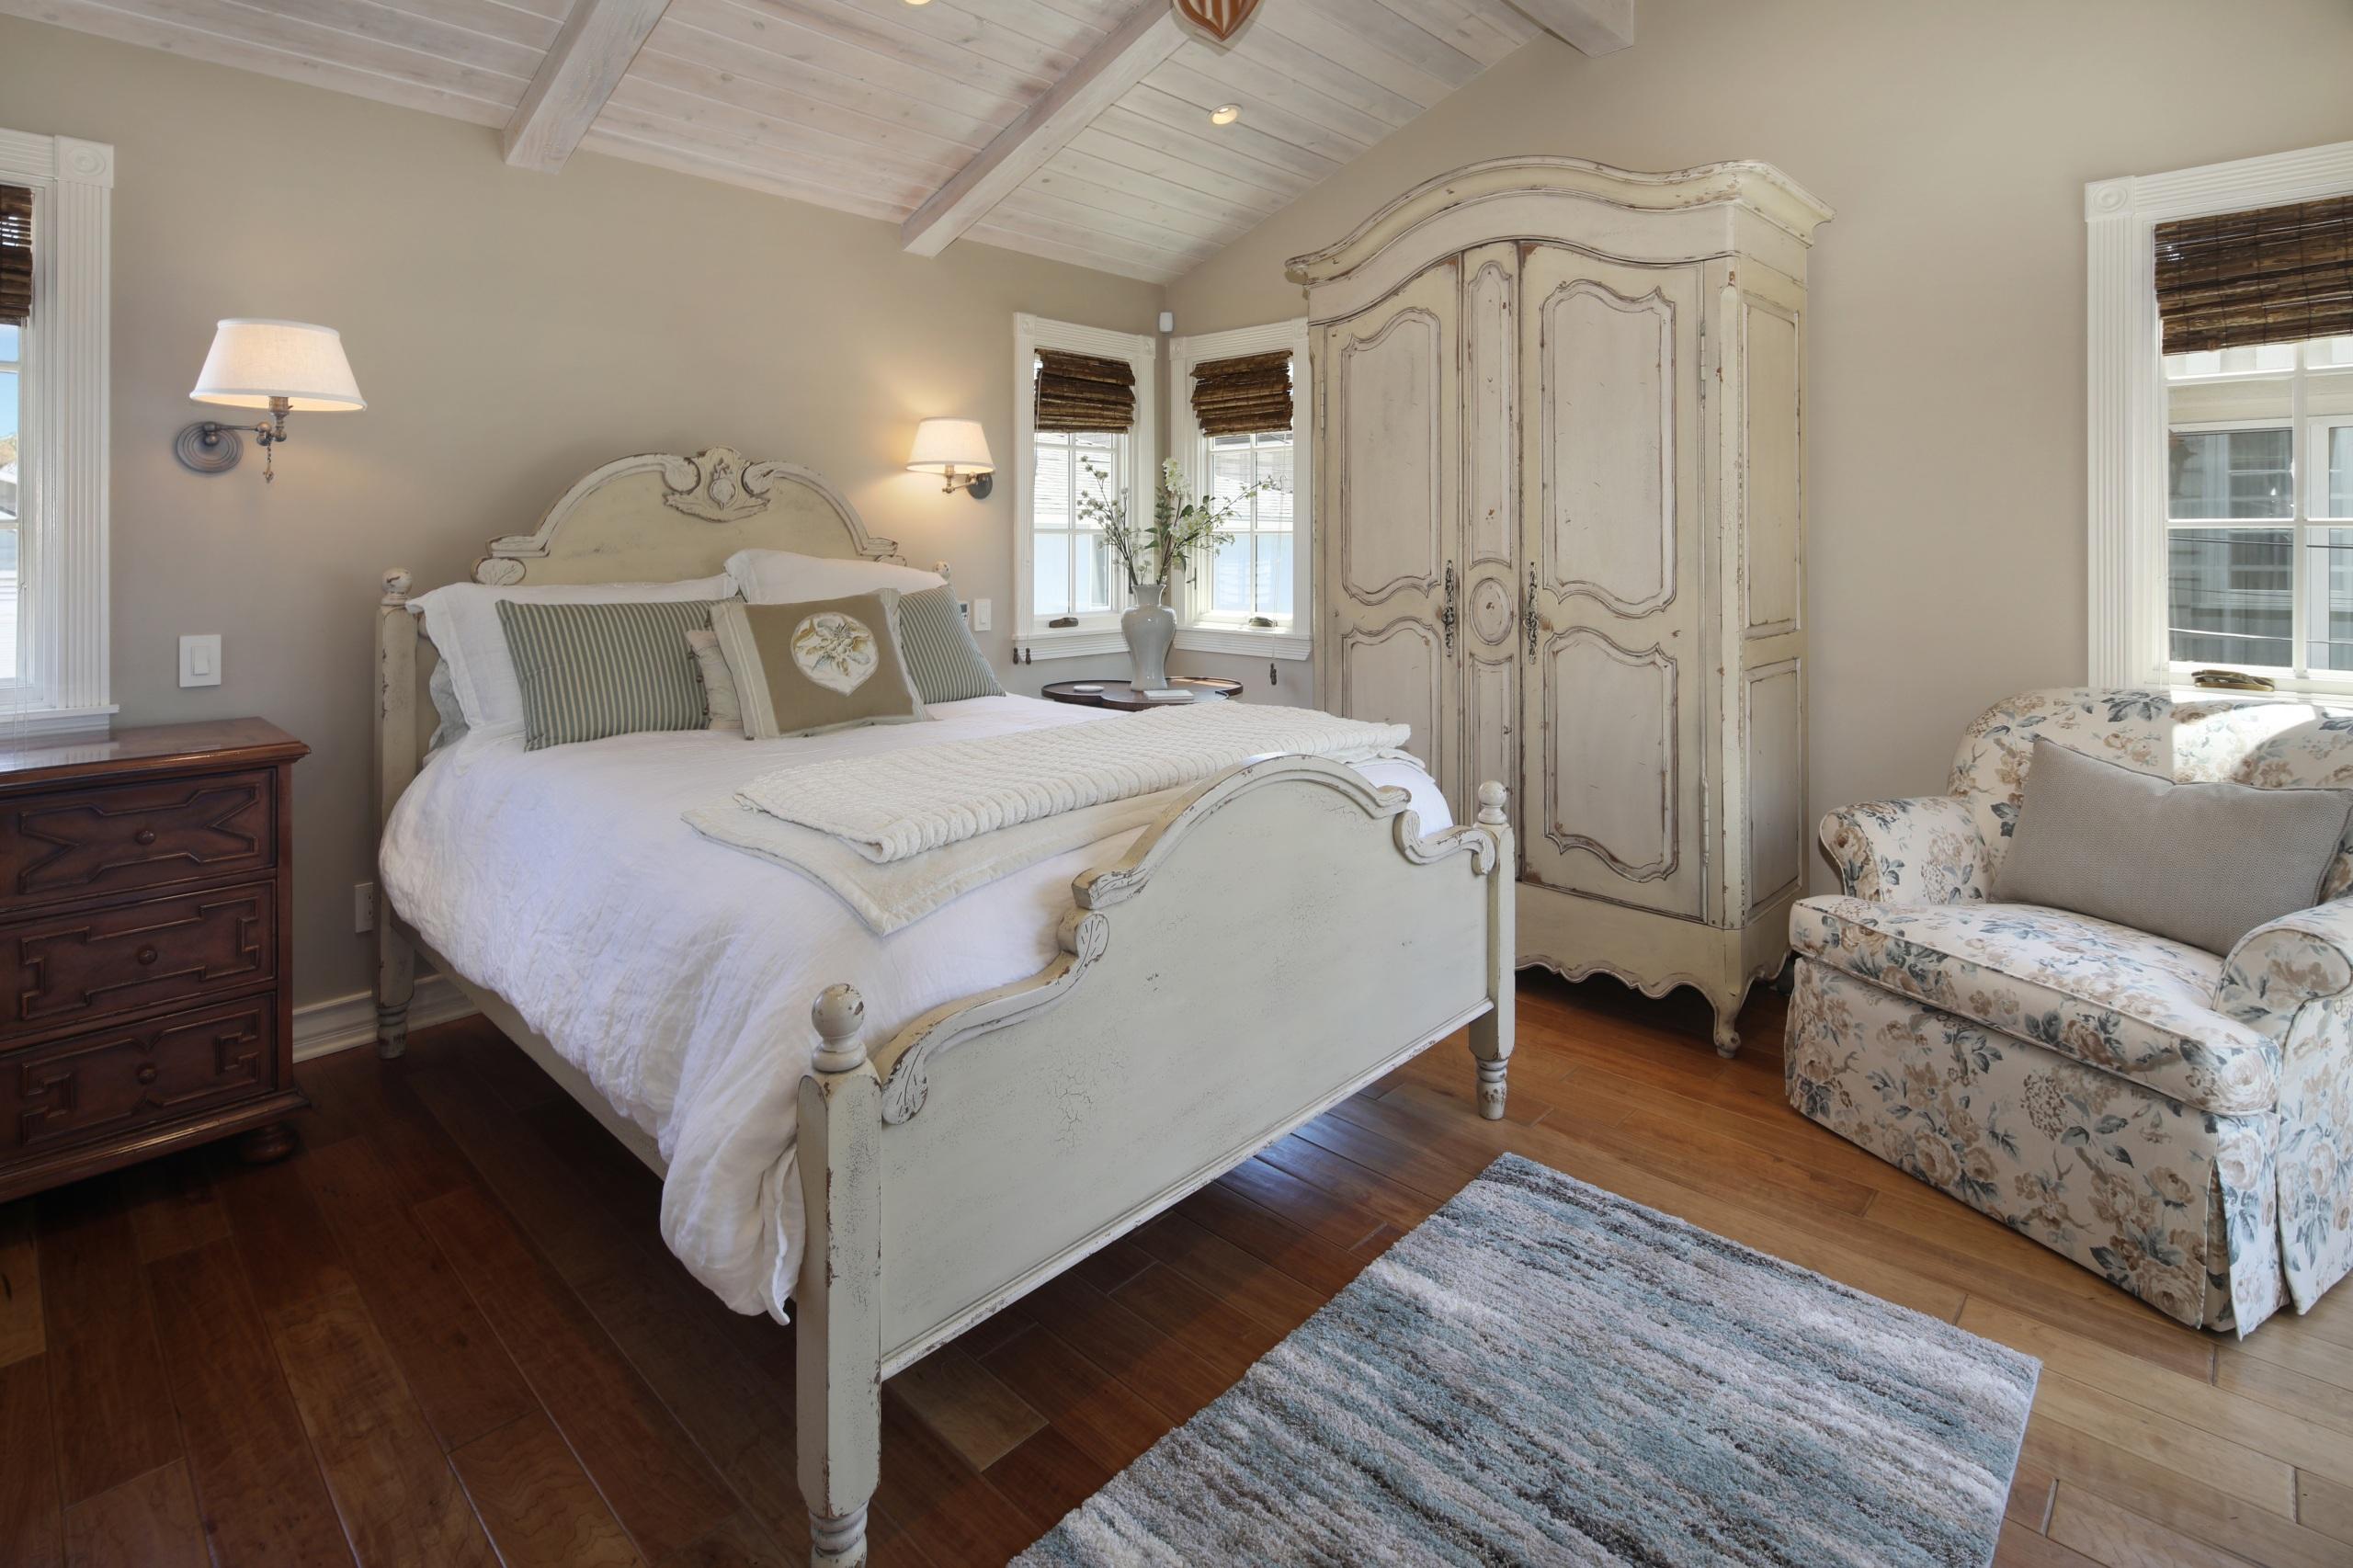 Фотография спальне Интерьер ламп Кресло постель дизайна 2560x1706 спальни Спальня лампы Лампа Кровать кровати Дизайн